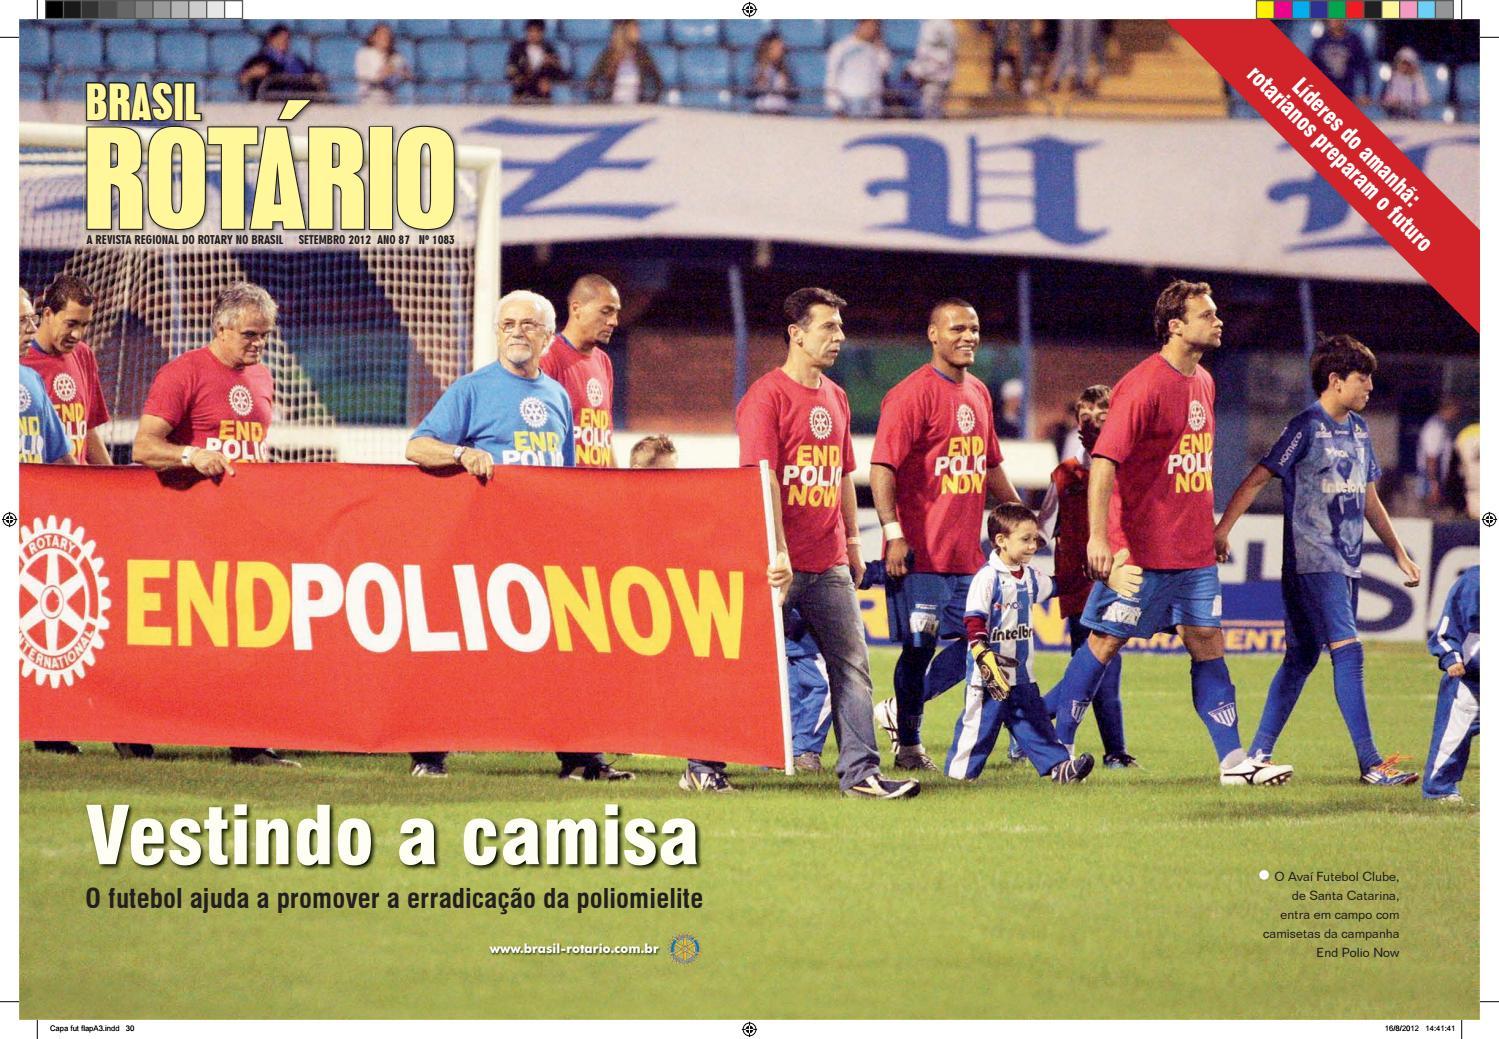 1083 - Brasil Rotário - Setembro de 2012 by Revista Rotary Brasil - issuu 13f11fcd34e64